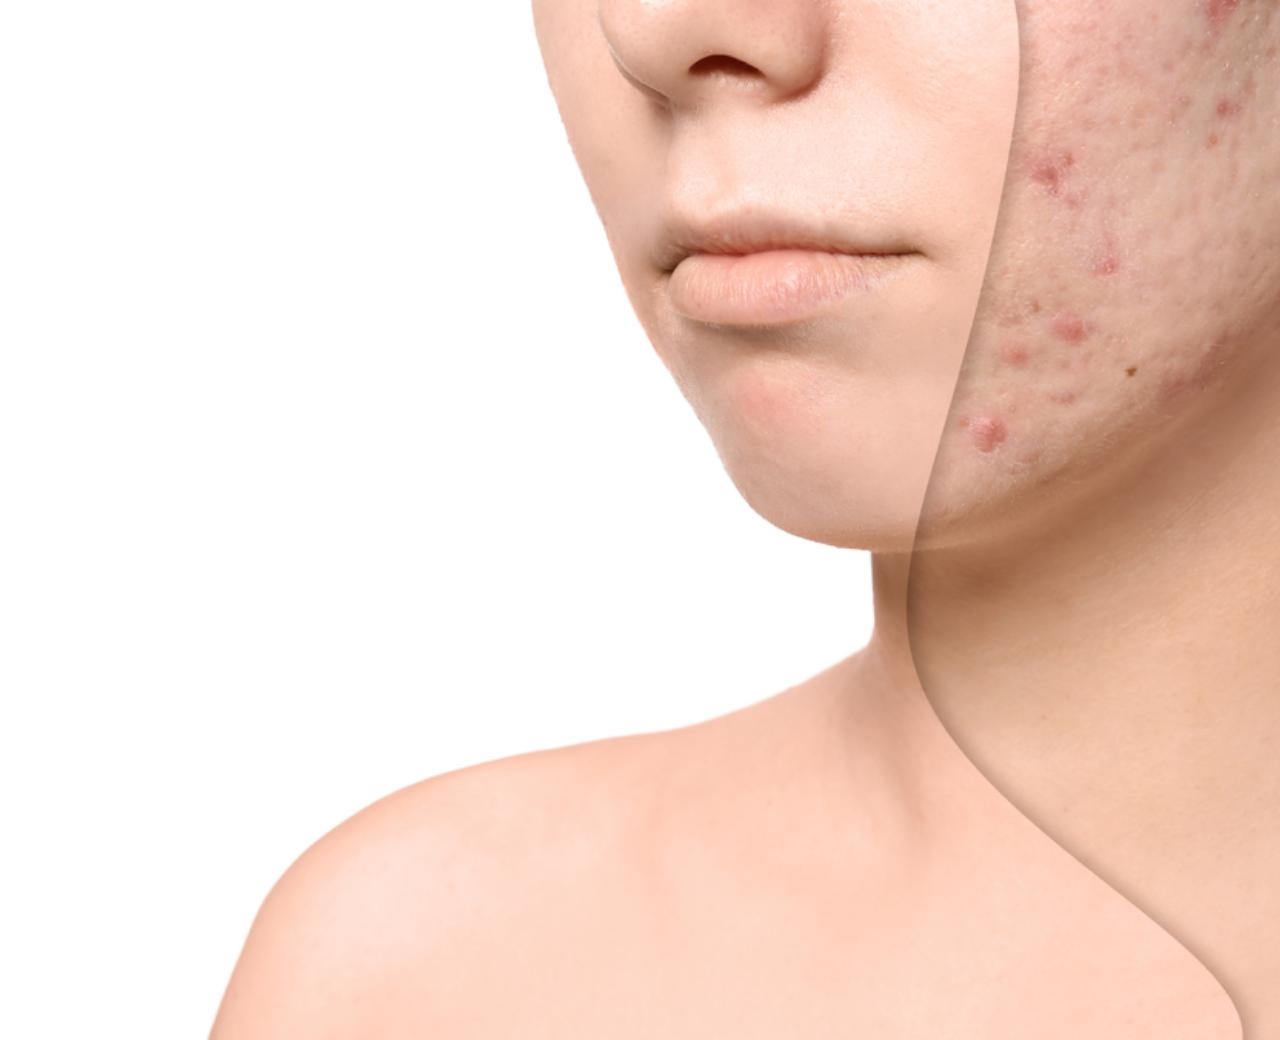 4 cách điều trị sẹo rỗ hiệu quả lên tới 90% ngay lập tức